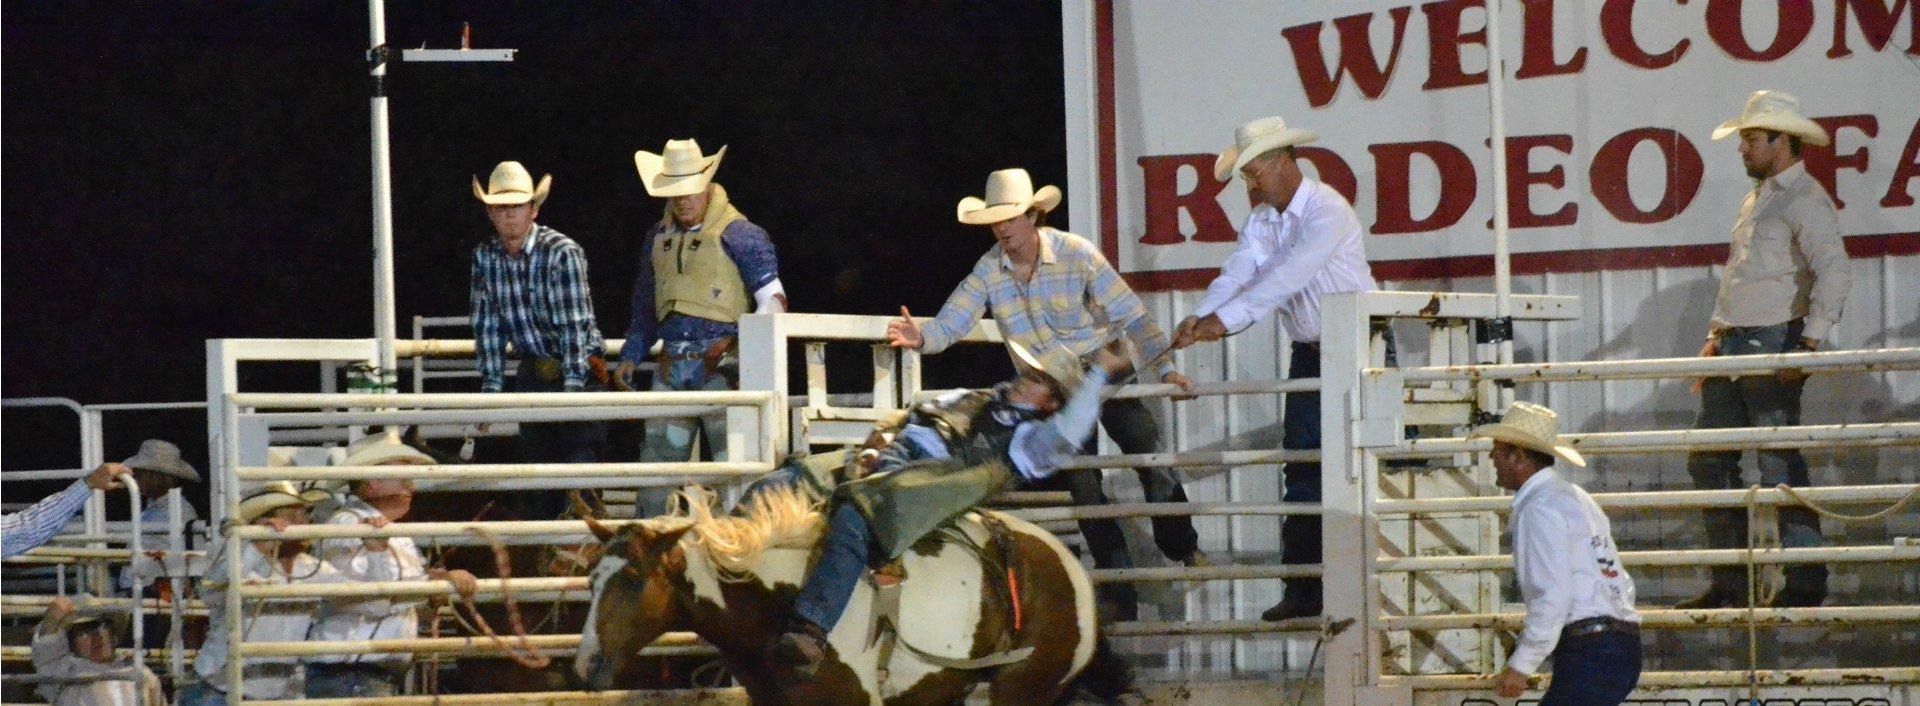 Männer beim Rodeo tragen den ten-gallon cowboy hat, spanische Lehnwörter begründen die englische Bezeichnung.